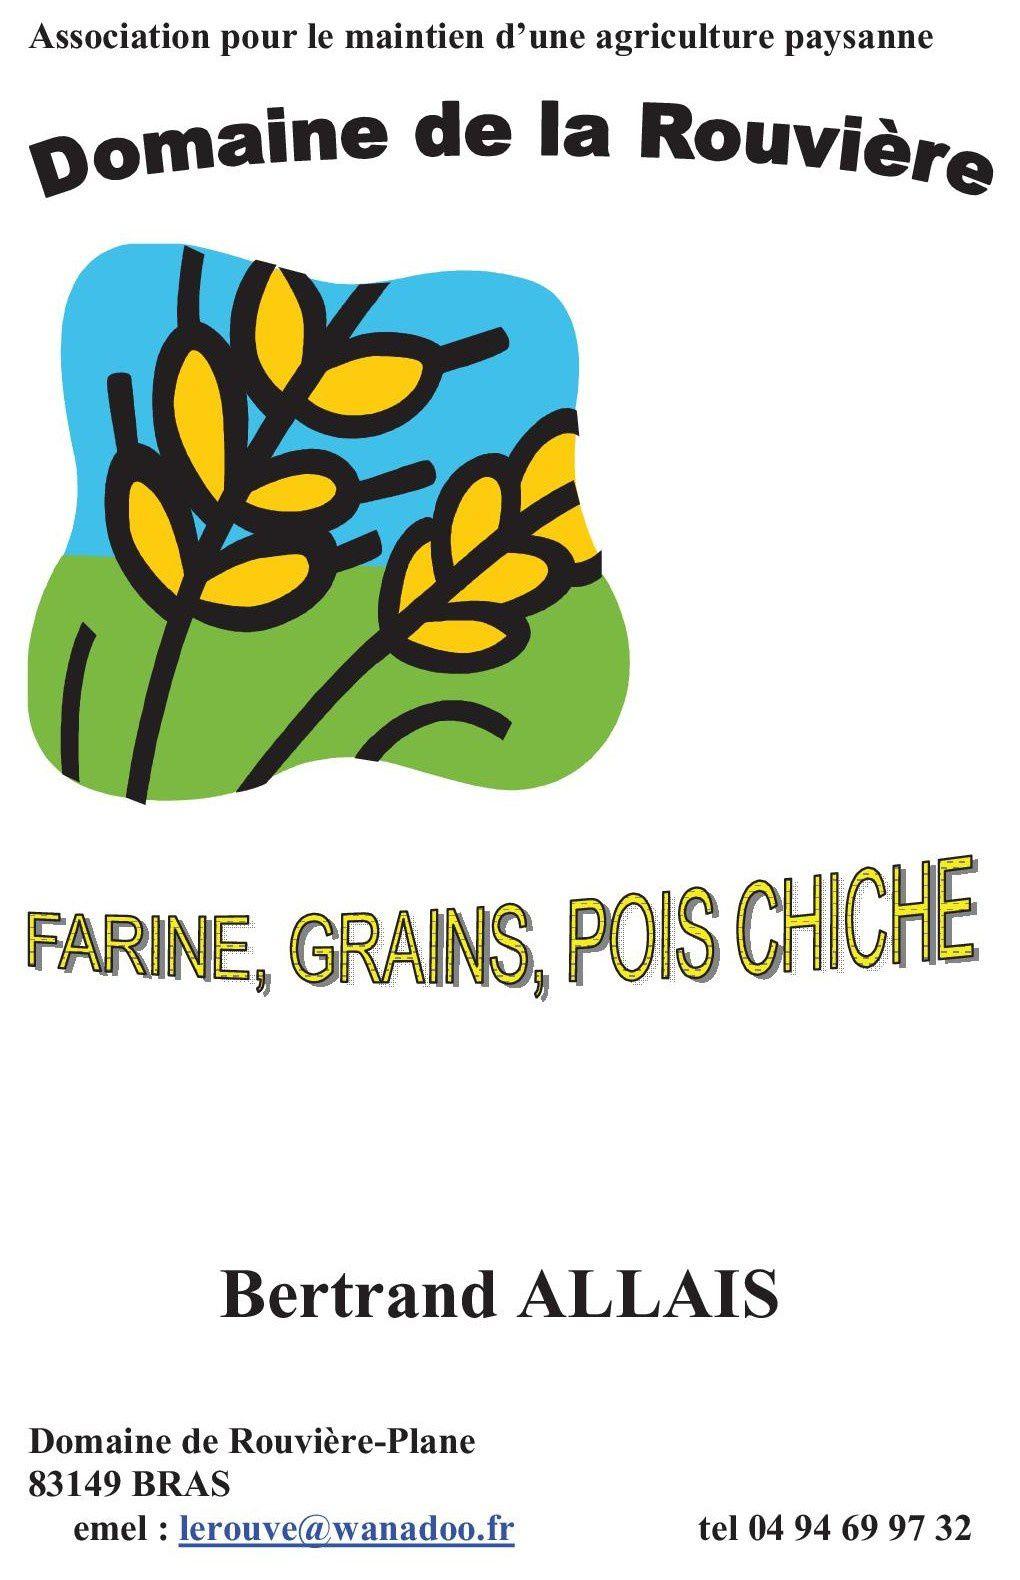 Les farines de Bertrand